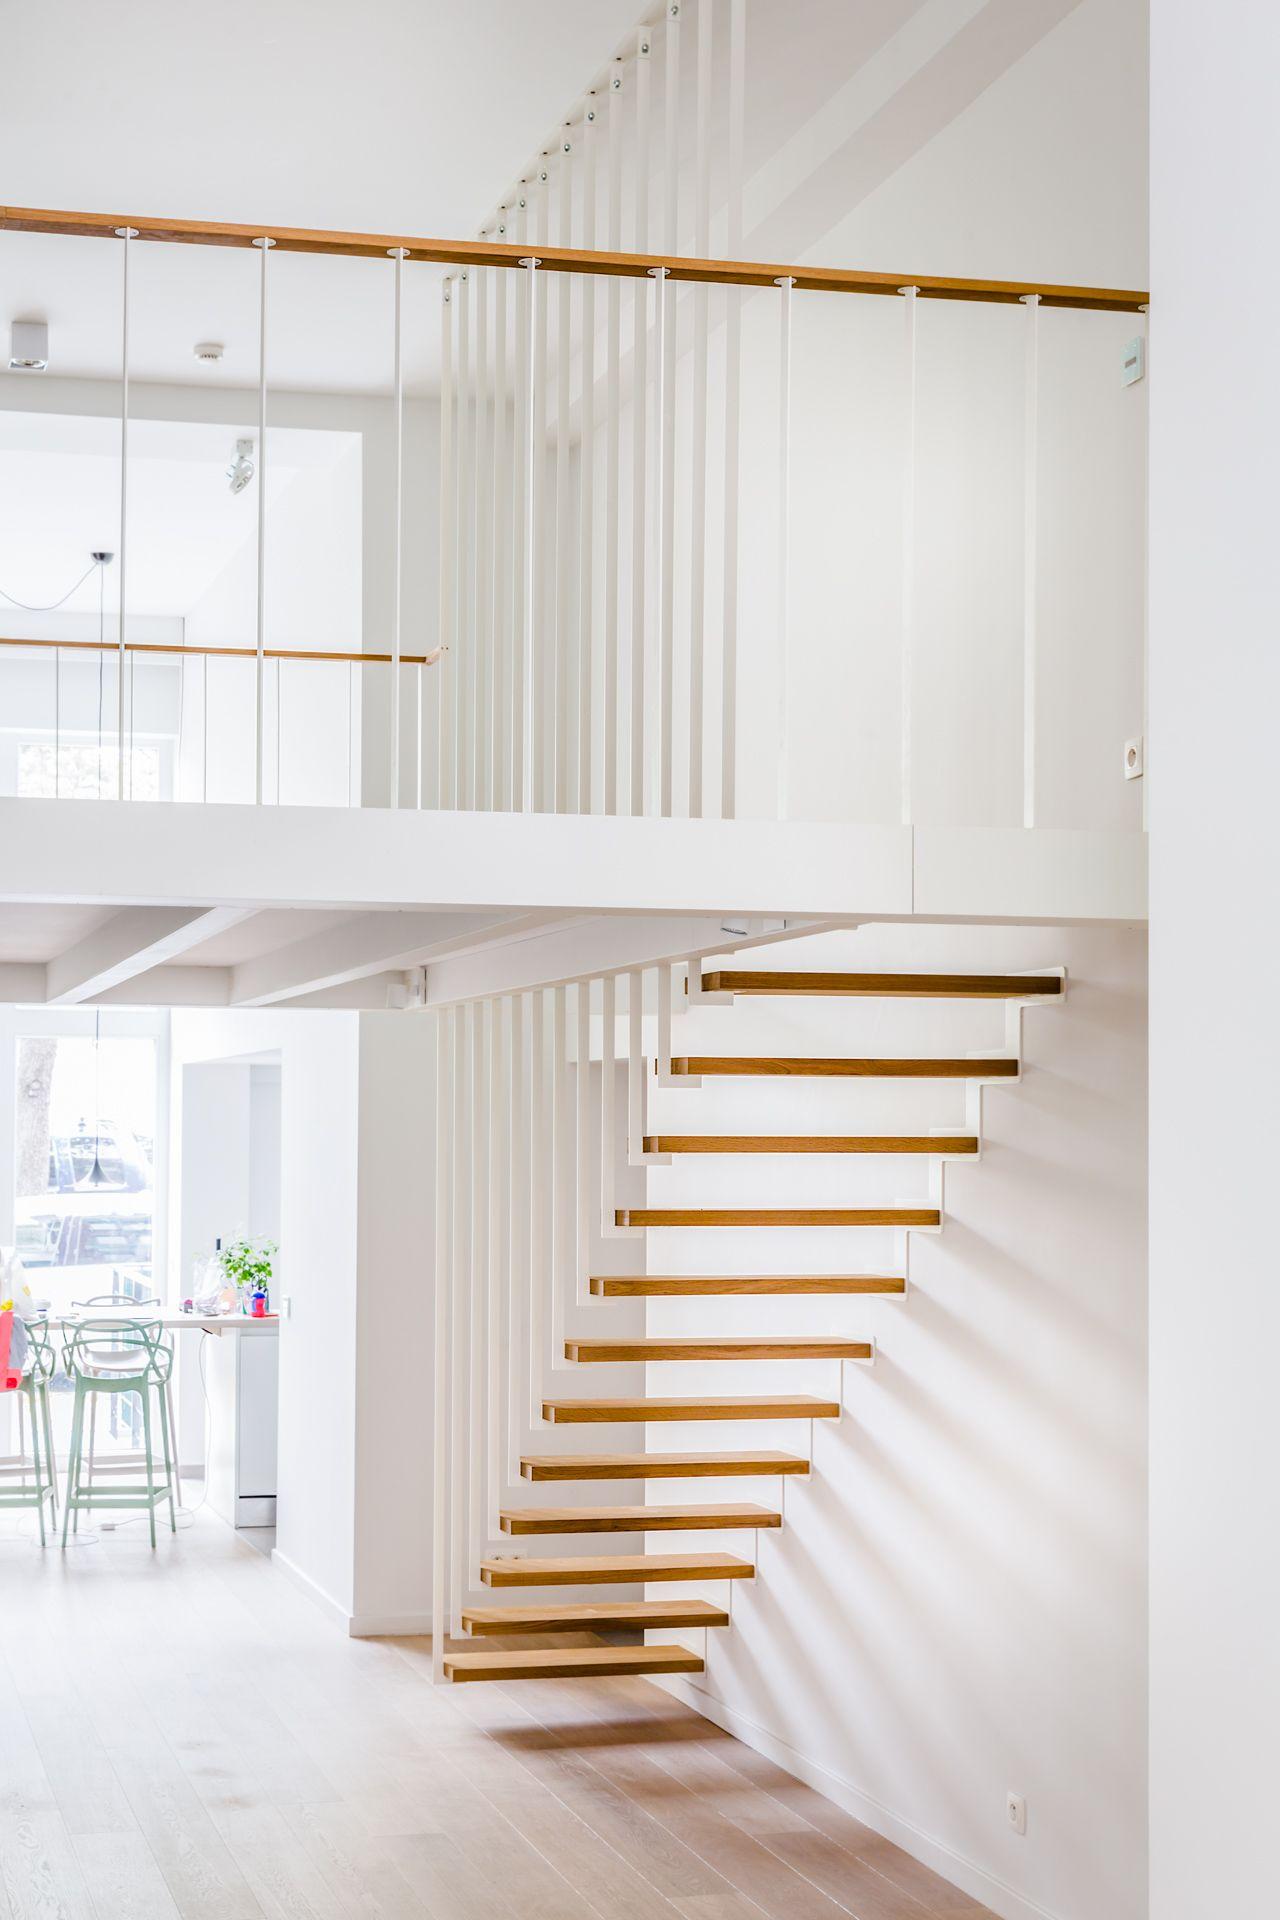 Barriere Escalier En Colimaçon Épinglé sur stairs